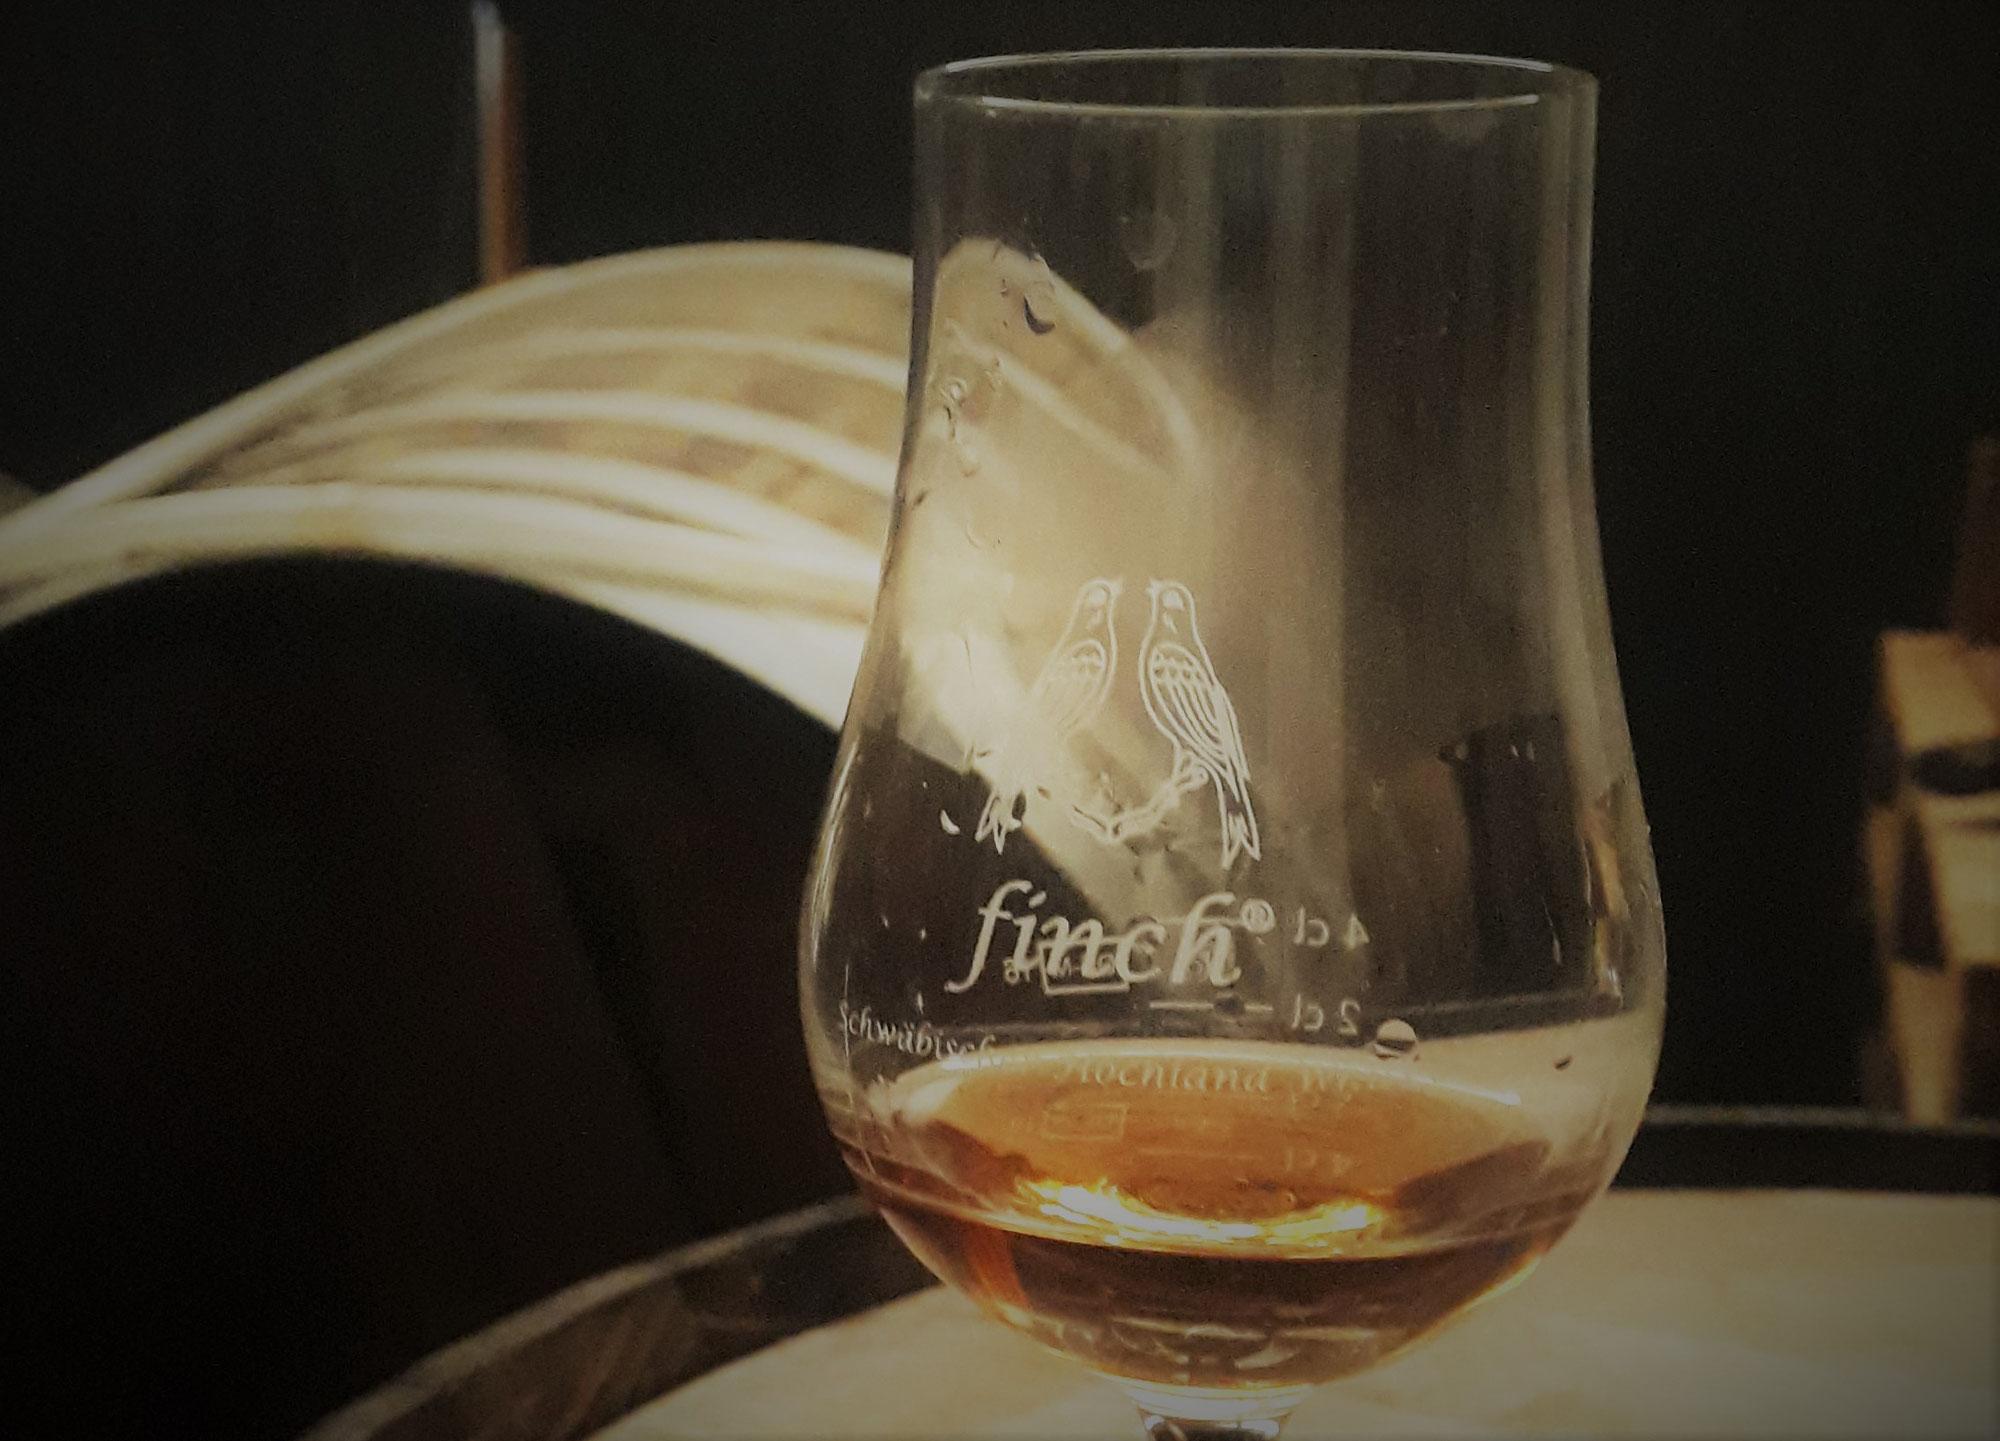 Zu Besuch bei… finch® Whiskydestillerie